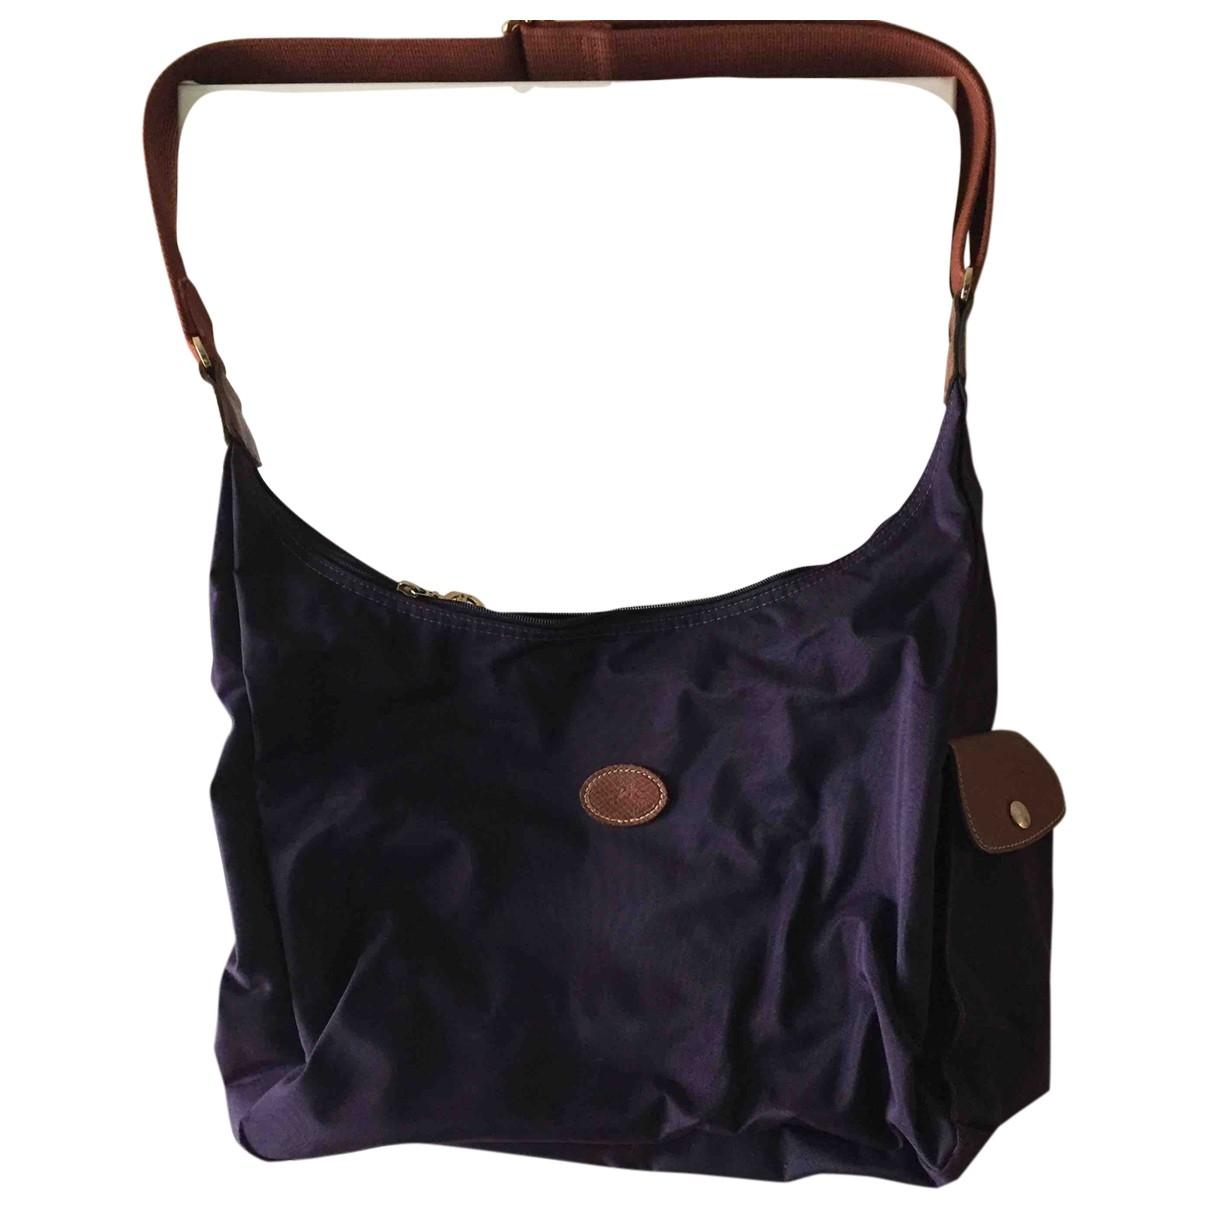 Longchamp - Sac de voyage Pliage  pour femme - violet